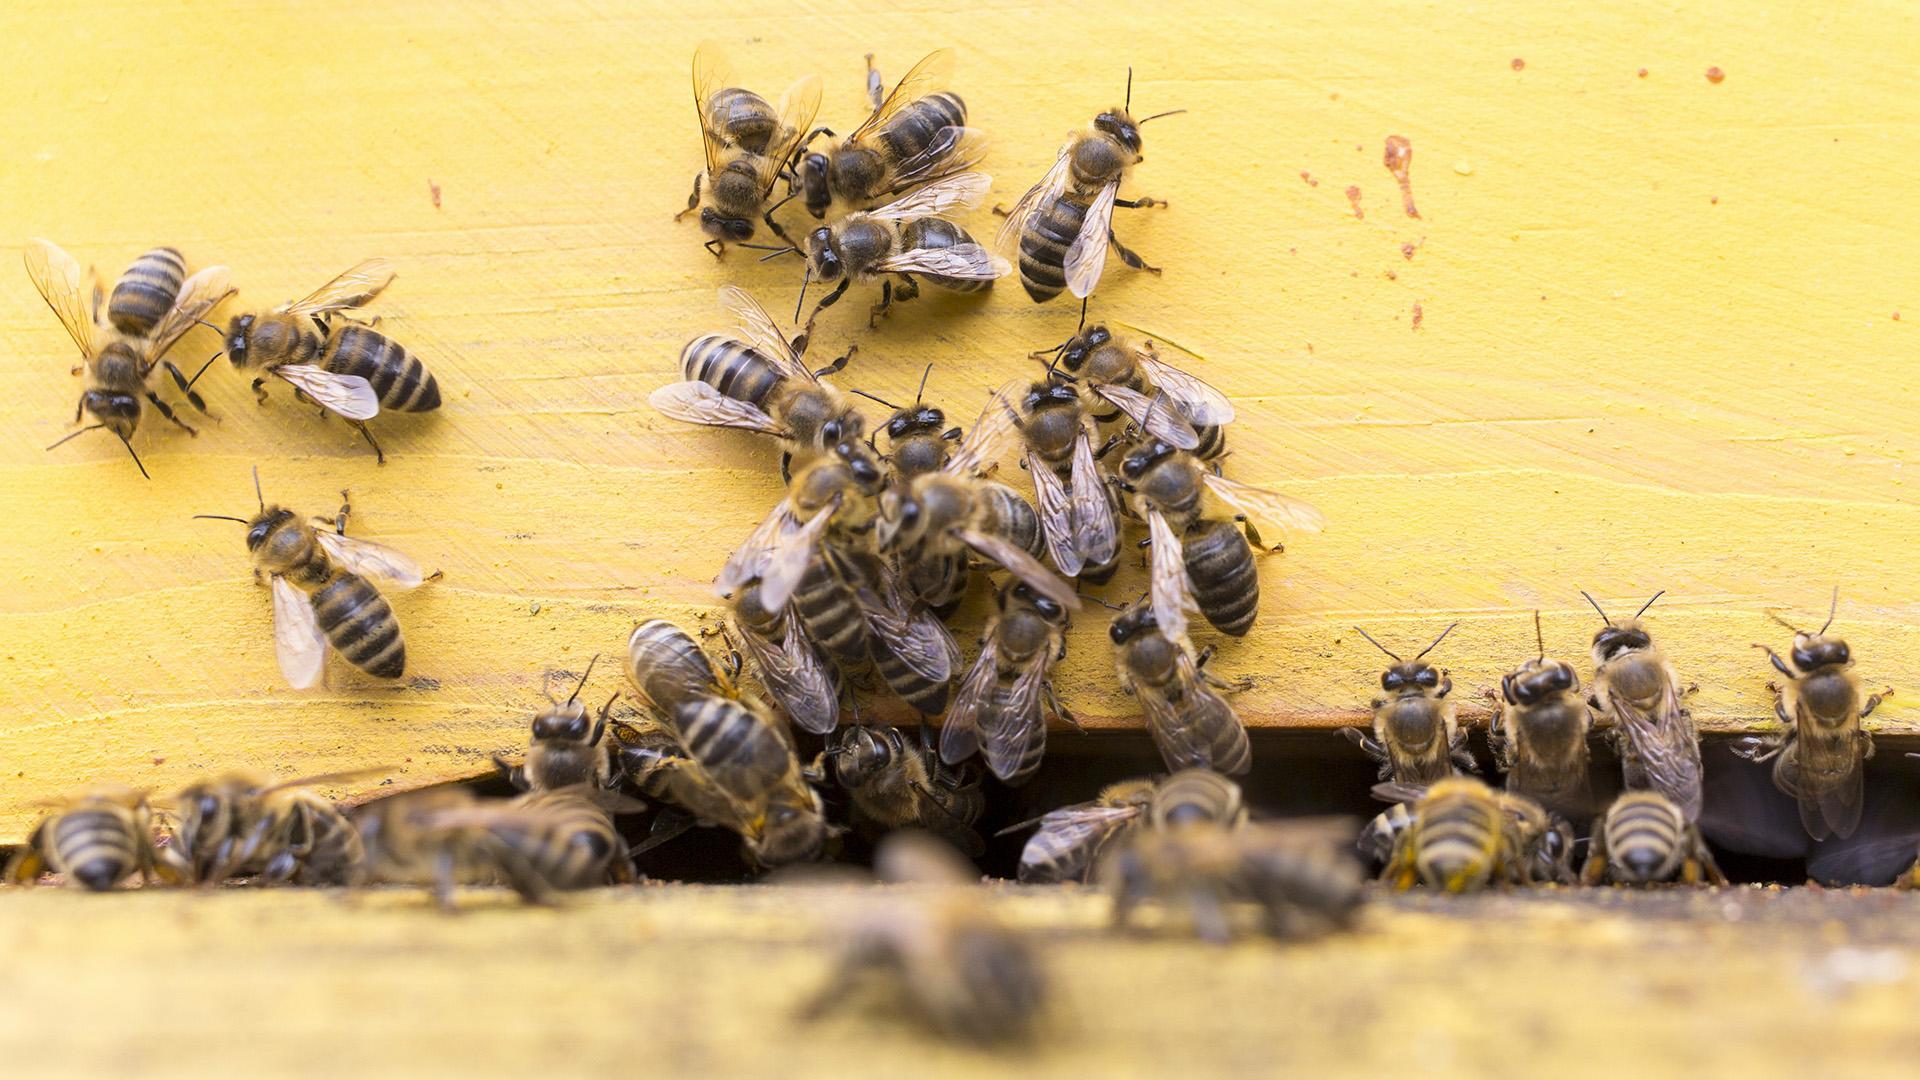 Что произойдет с человечеством, если исчезнут пчелы | русская семерка